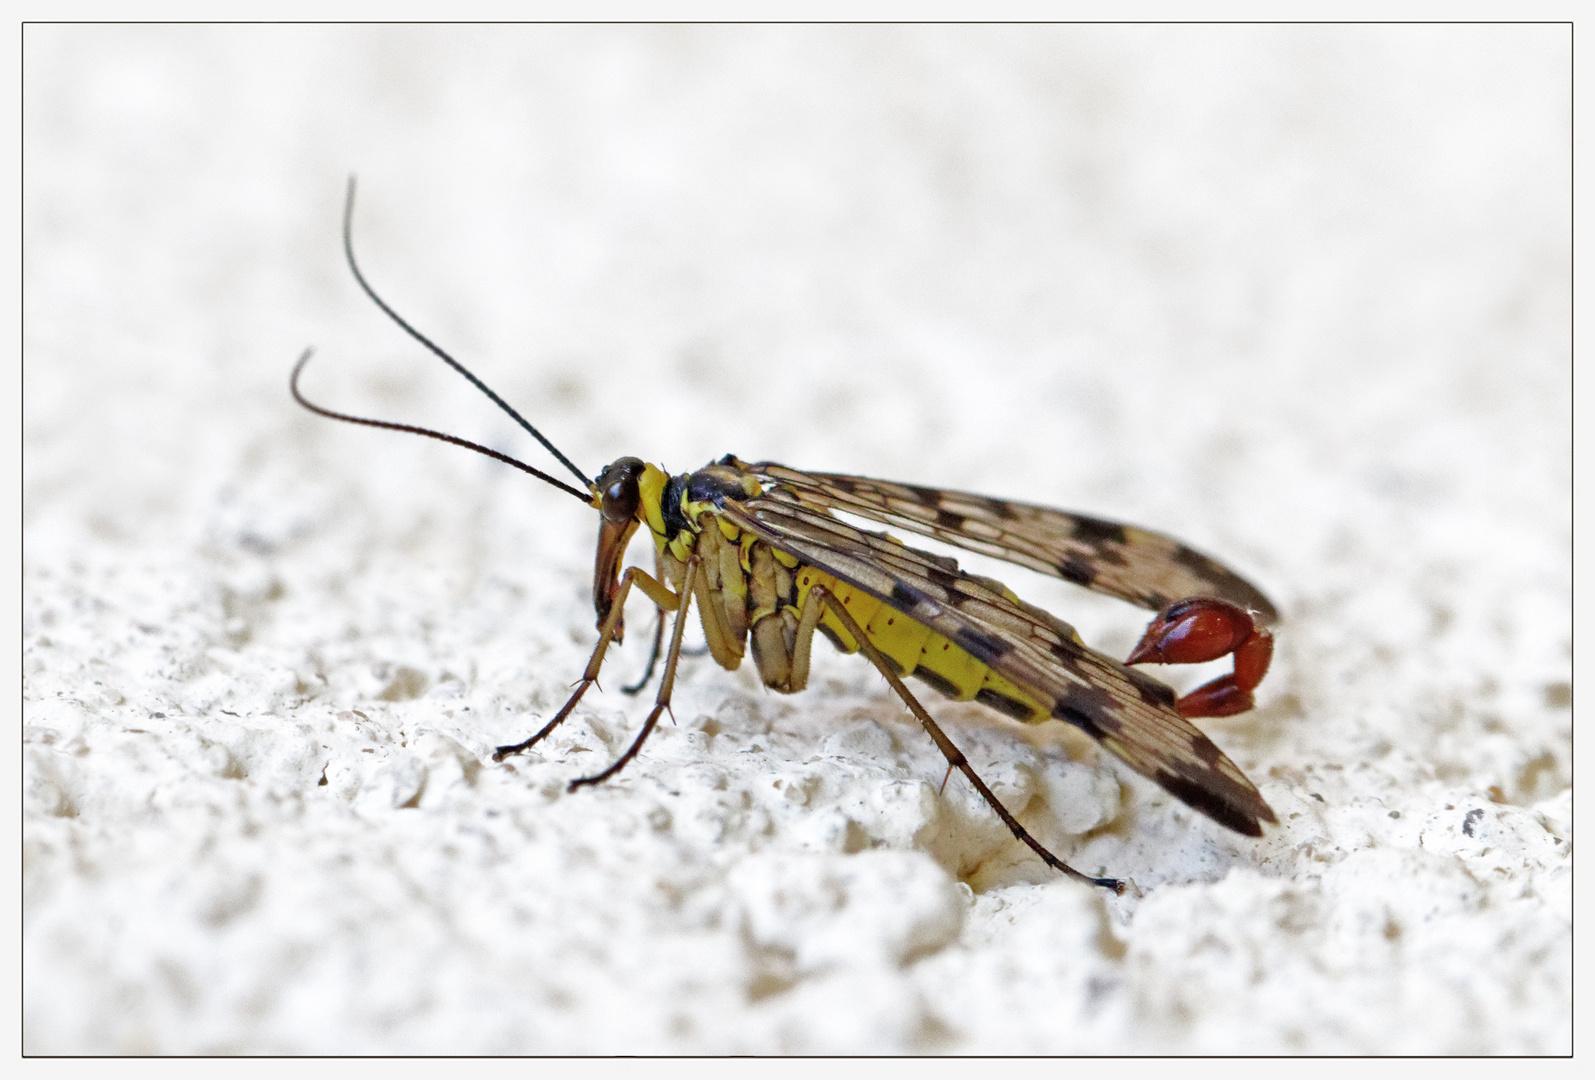 Männchen der Gemeinen Skorpionsfliege (Panorpa communis))